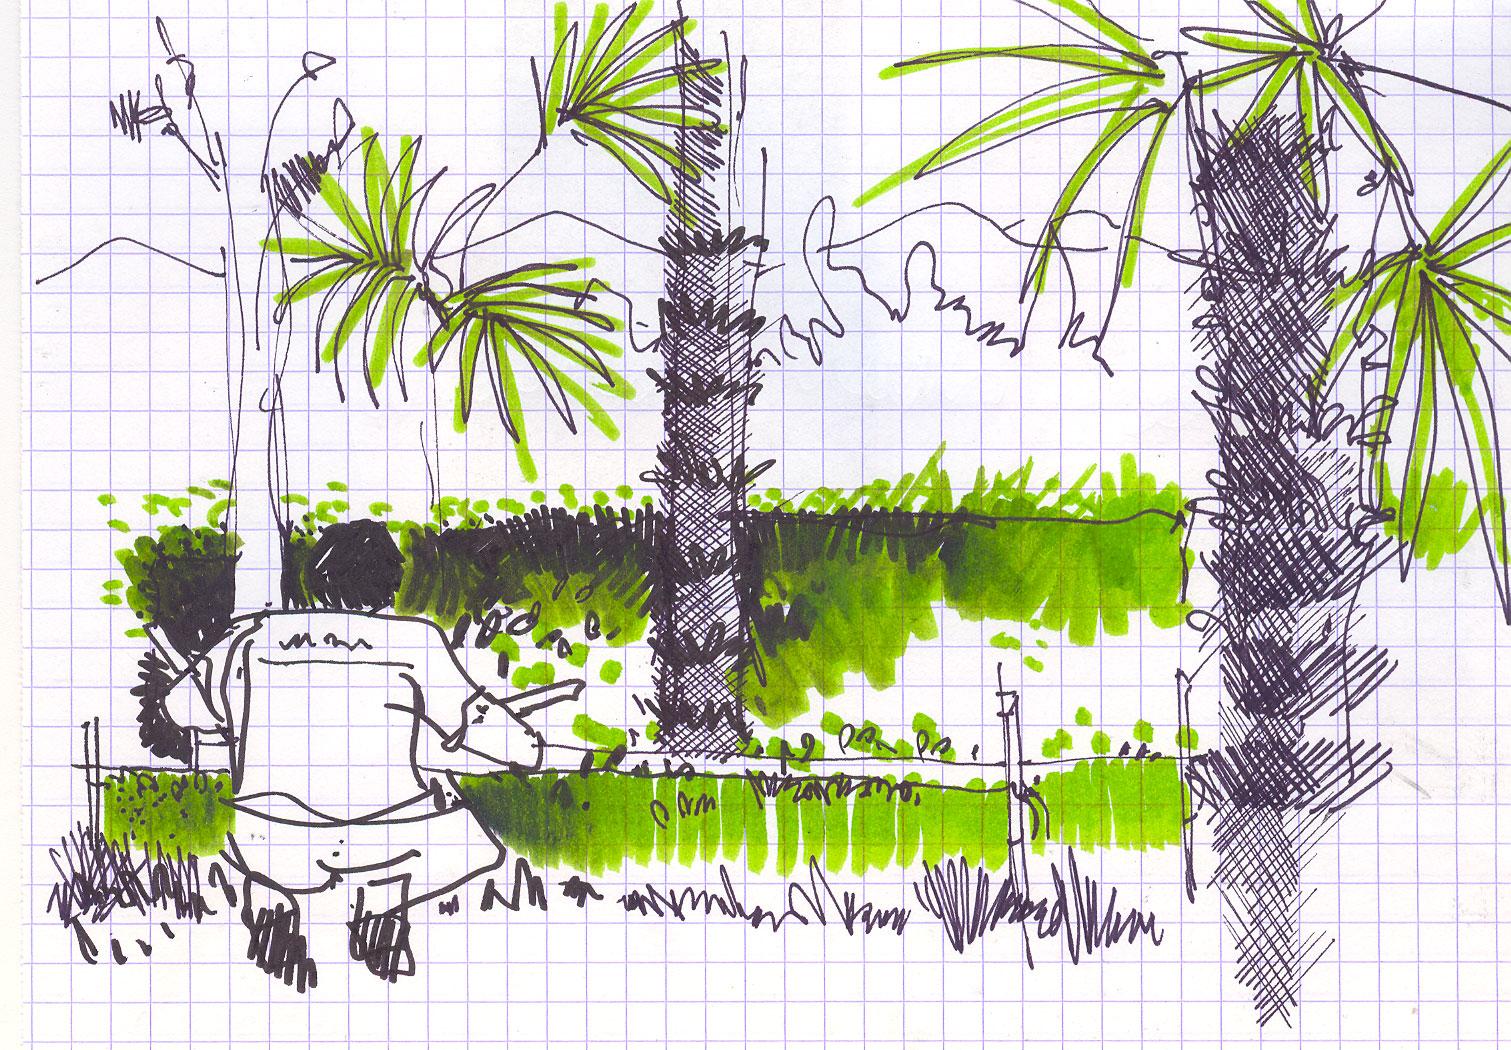 D co petit jardin potager carre saint denis 3638 saint denis de pile laccordeur saint - Petit jardin en pot saint denis ...